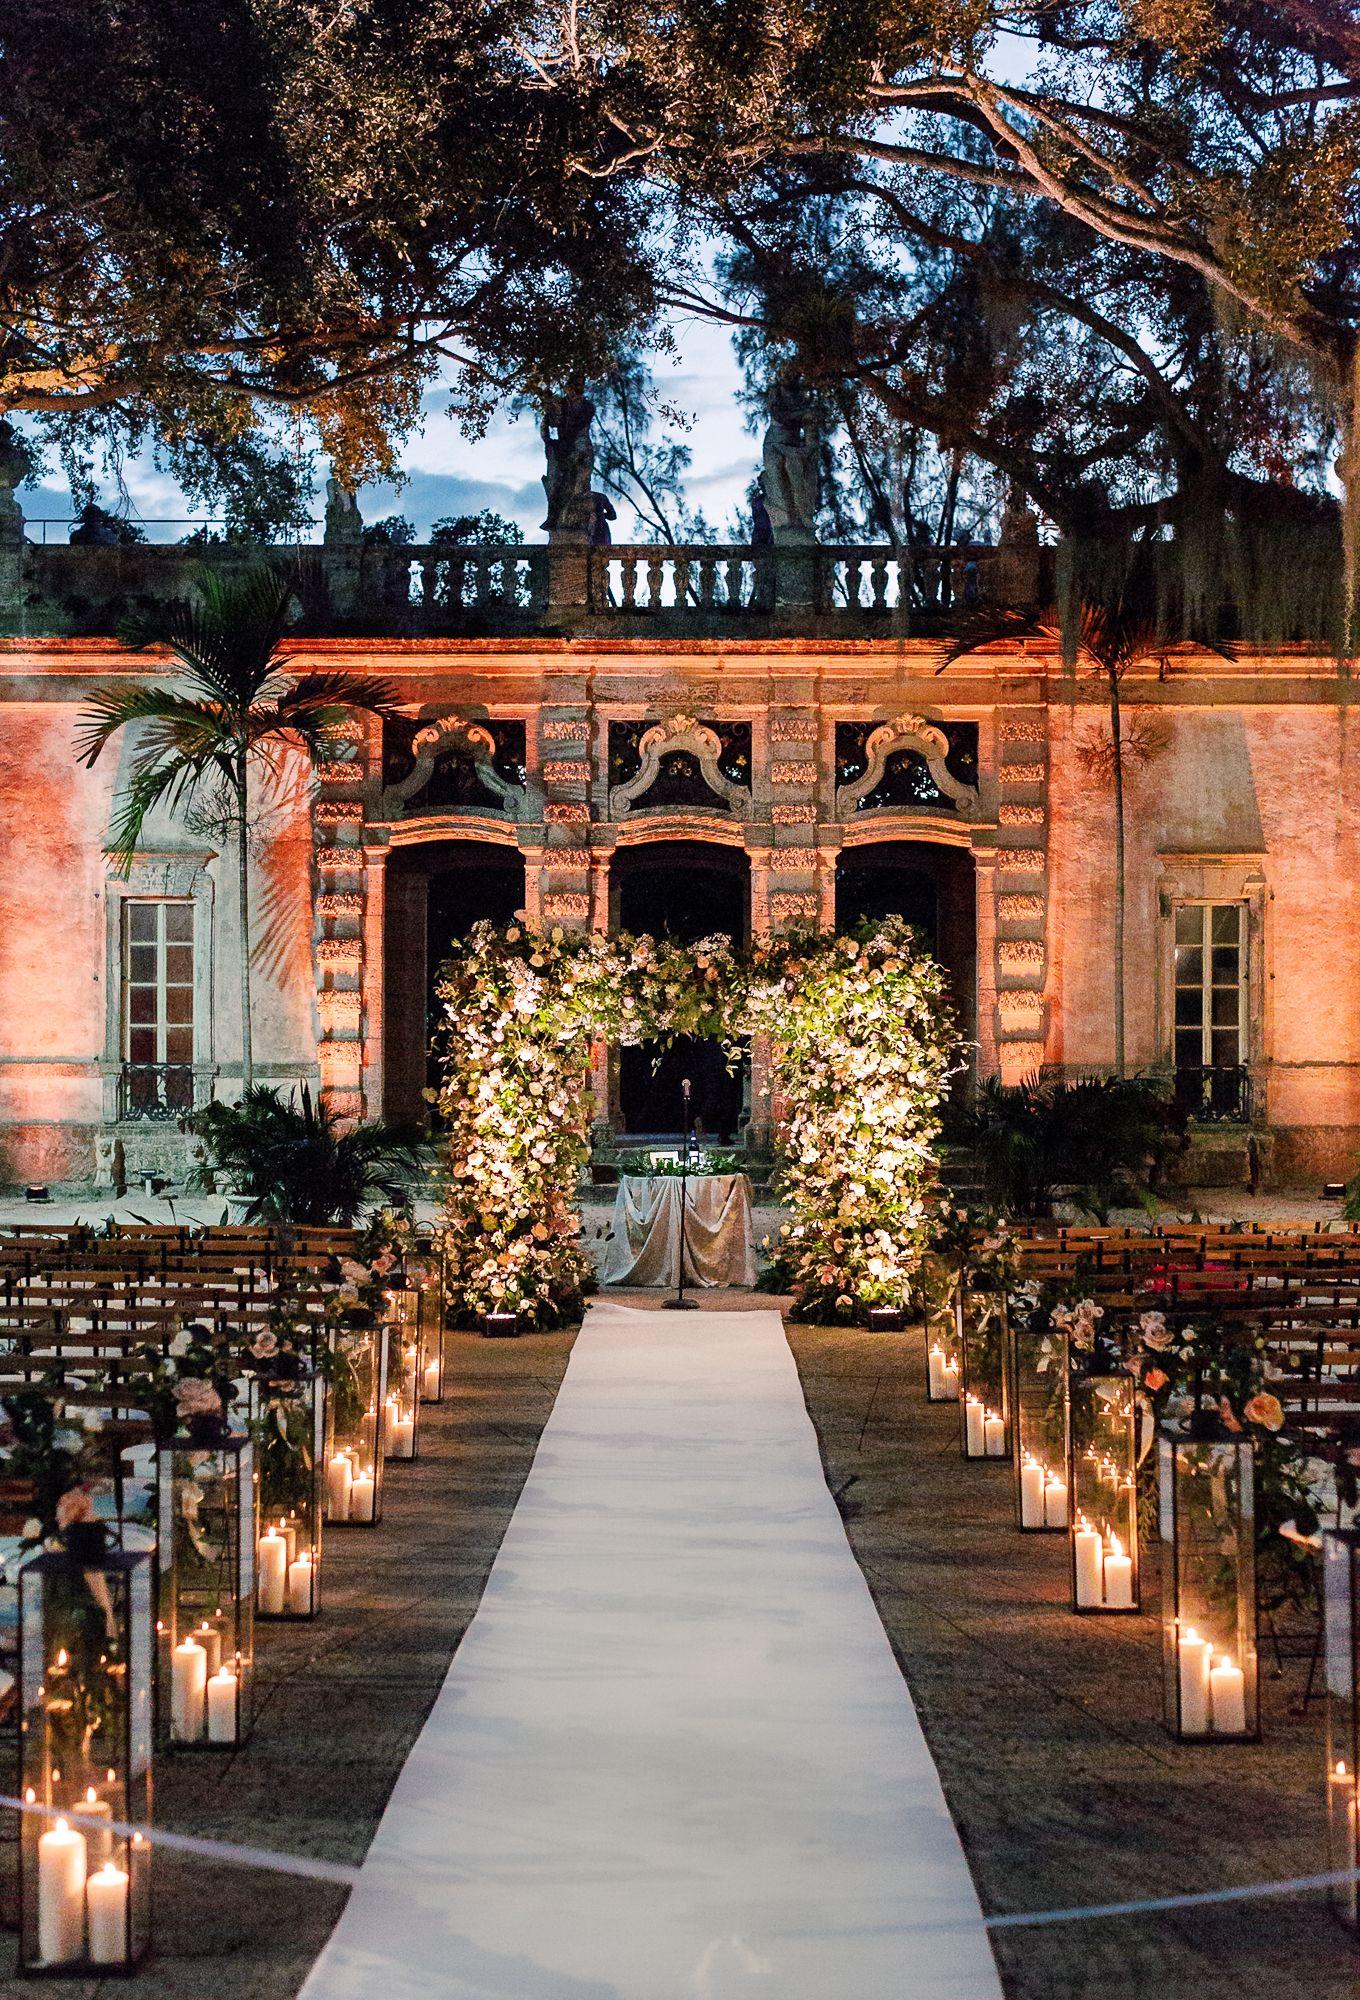 Rebecca Alan S English Garden Wedding At Vizcaya Weddingday Weddingdecor Weddingflowers Vi English Garden Wedding Vizcaya Wedding Florida Wedding Venues